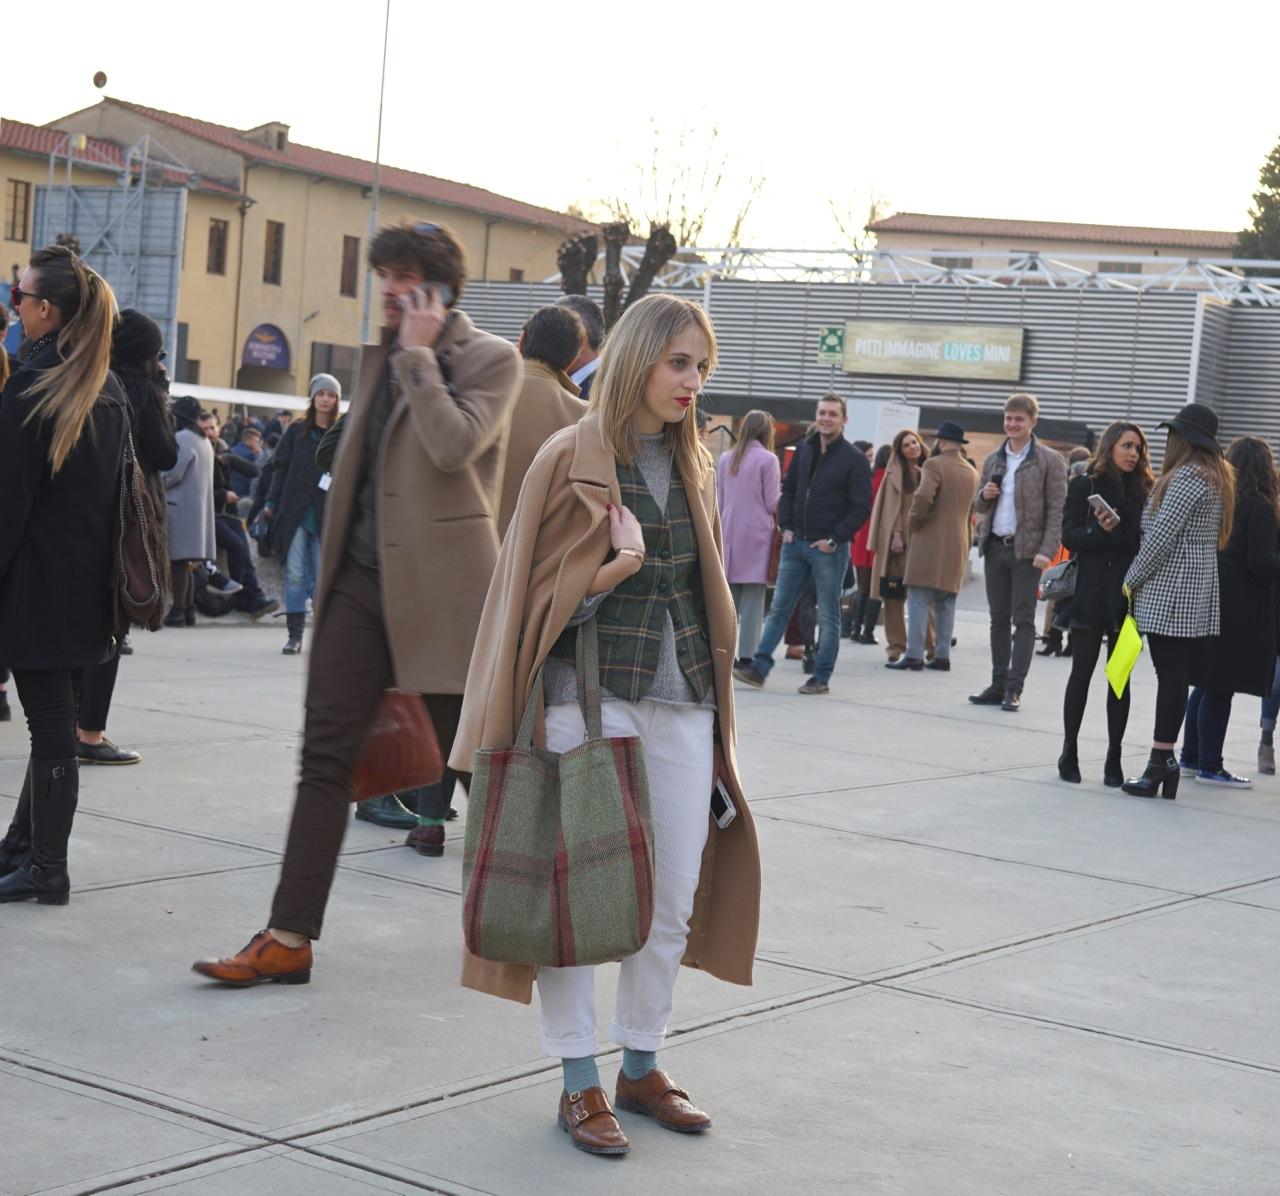 As mulheres que vêm ao Pitti, várias vezes se vestem com trajes inspirados no guarda roupa masculino.